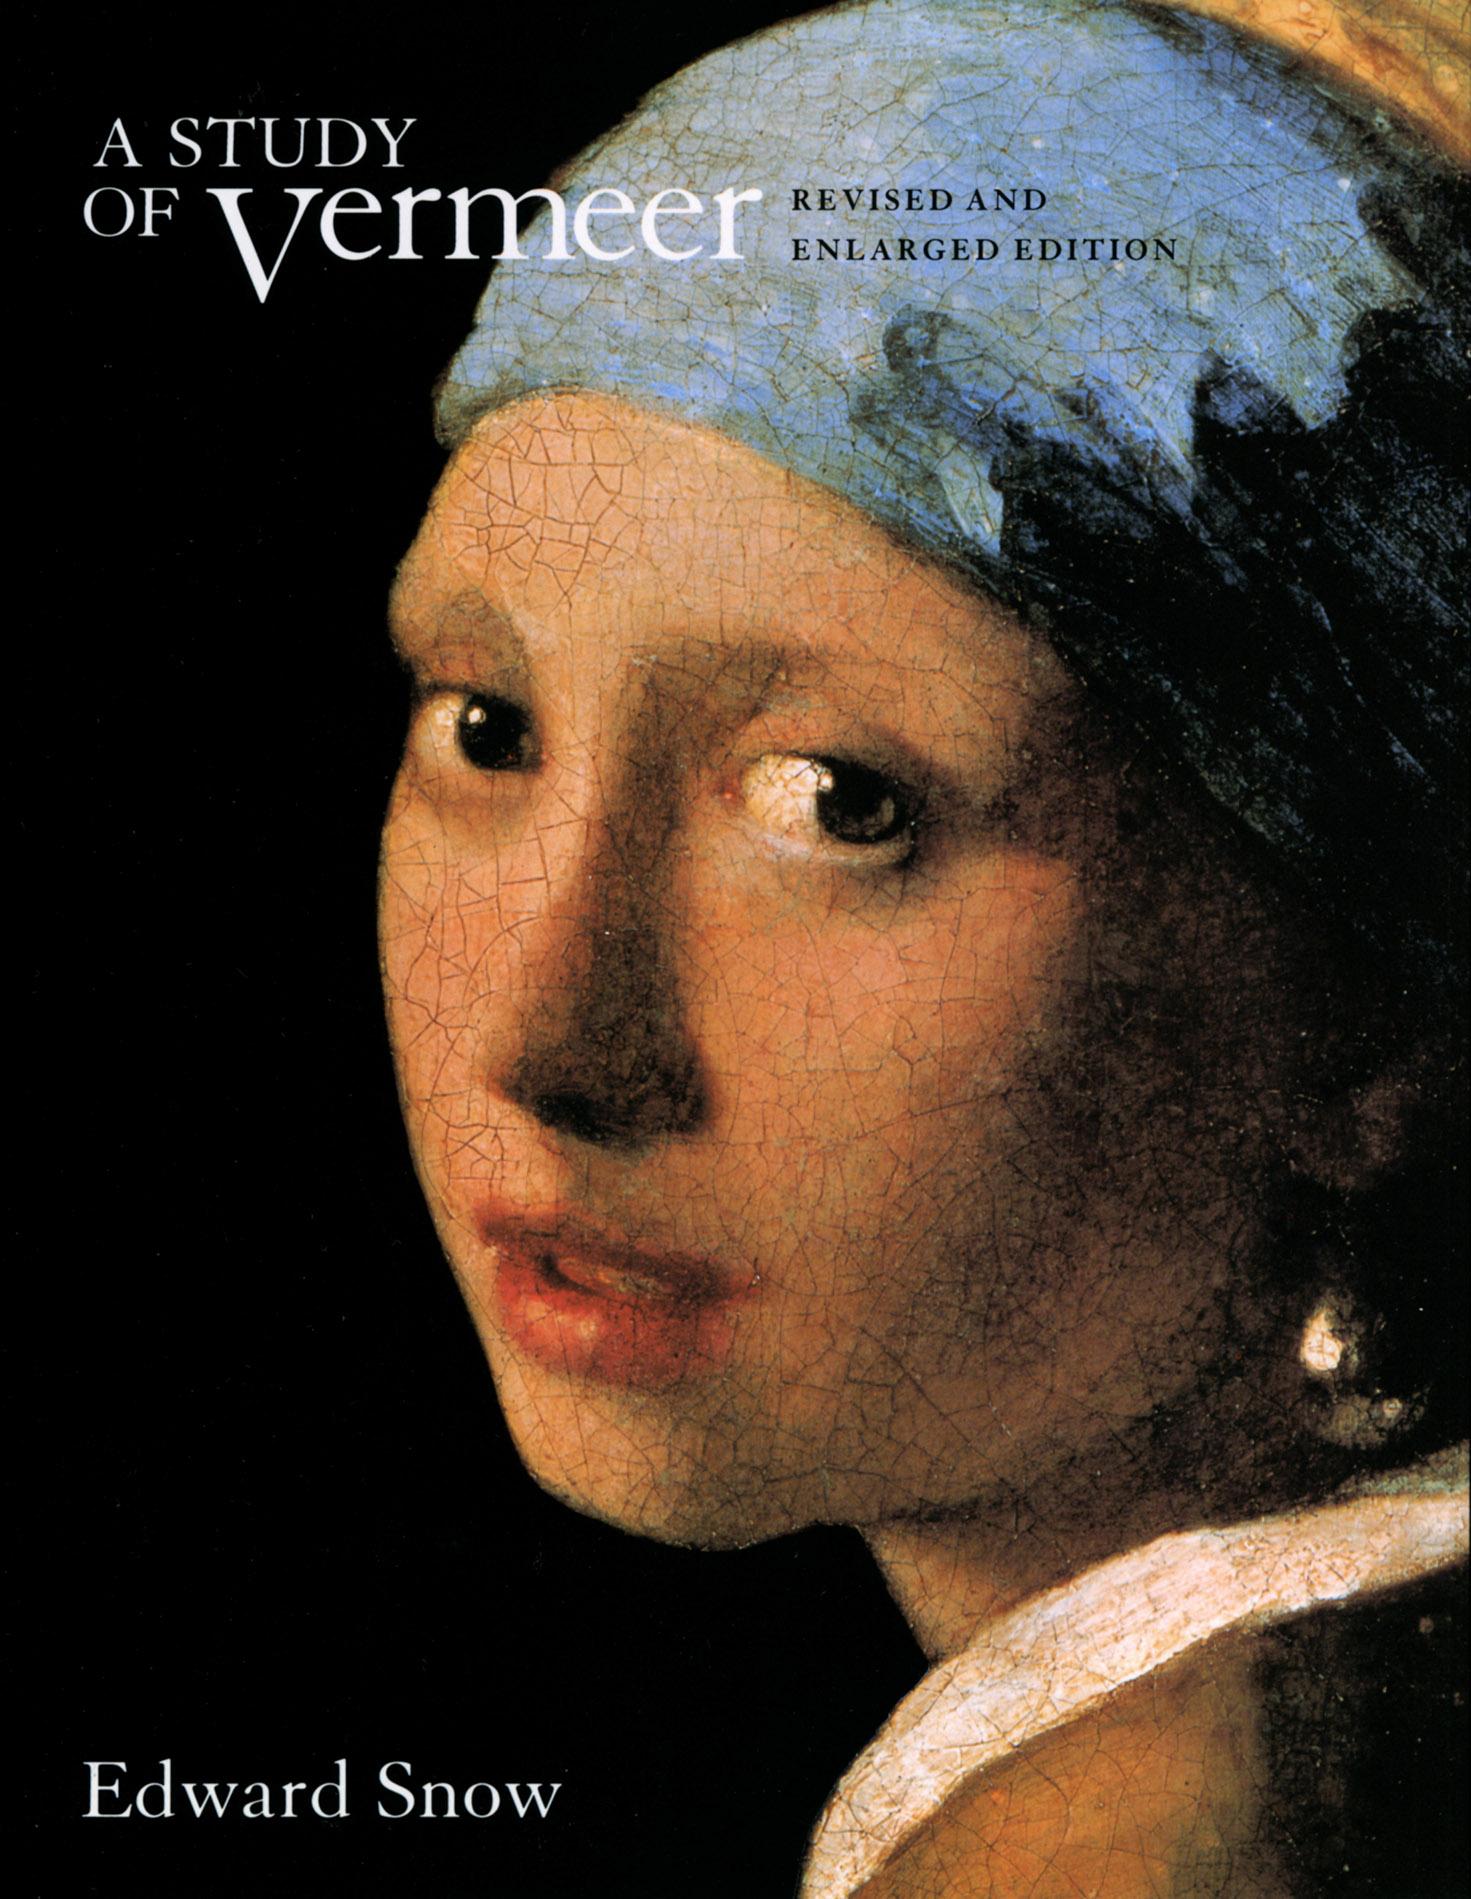 a-study-of-vermeer.jpg